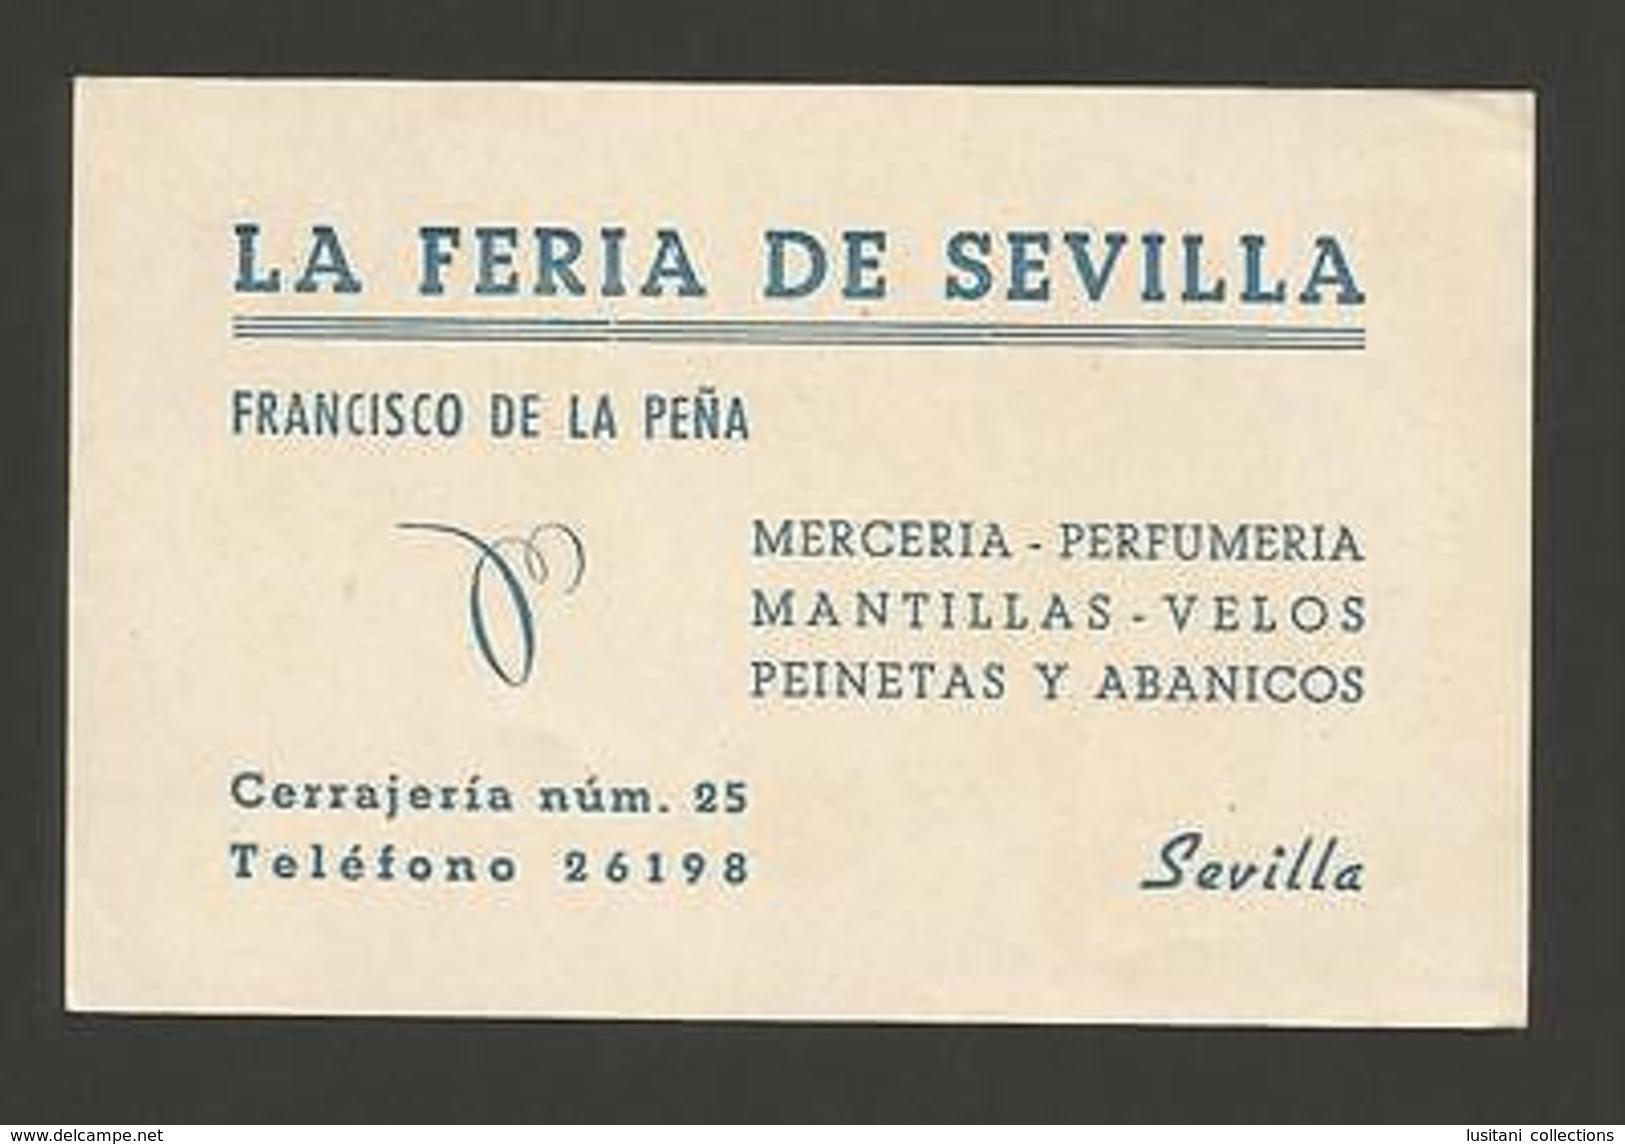 MACARENA FERIA DE SEVILLA 1940/50s ANDALUCIA SPAIN ESPAÑA ESPANA CATHOLIC Z1 - Postcards